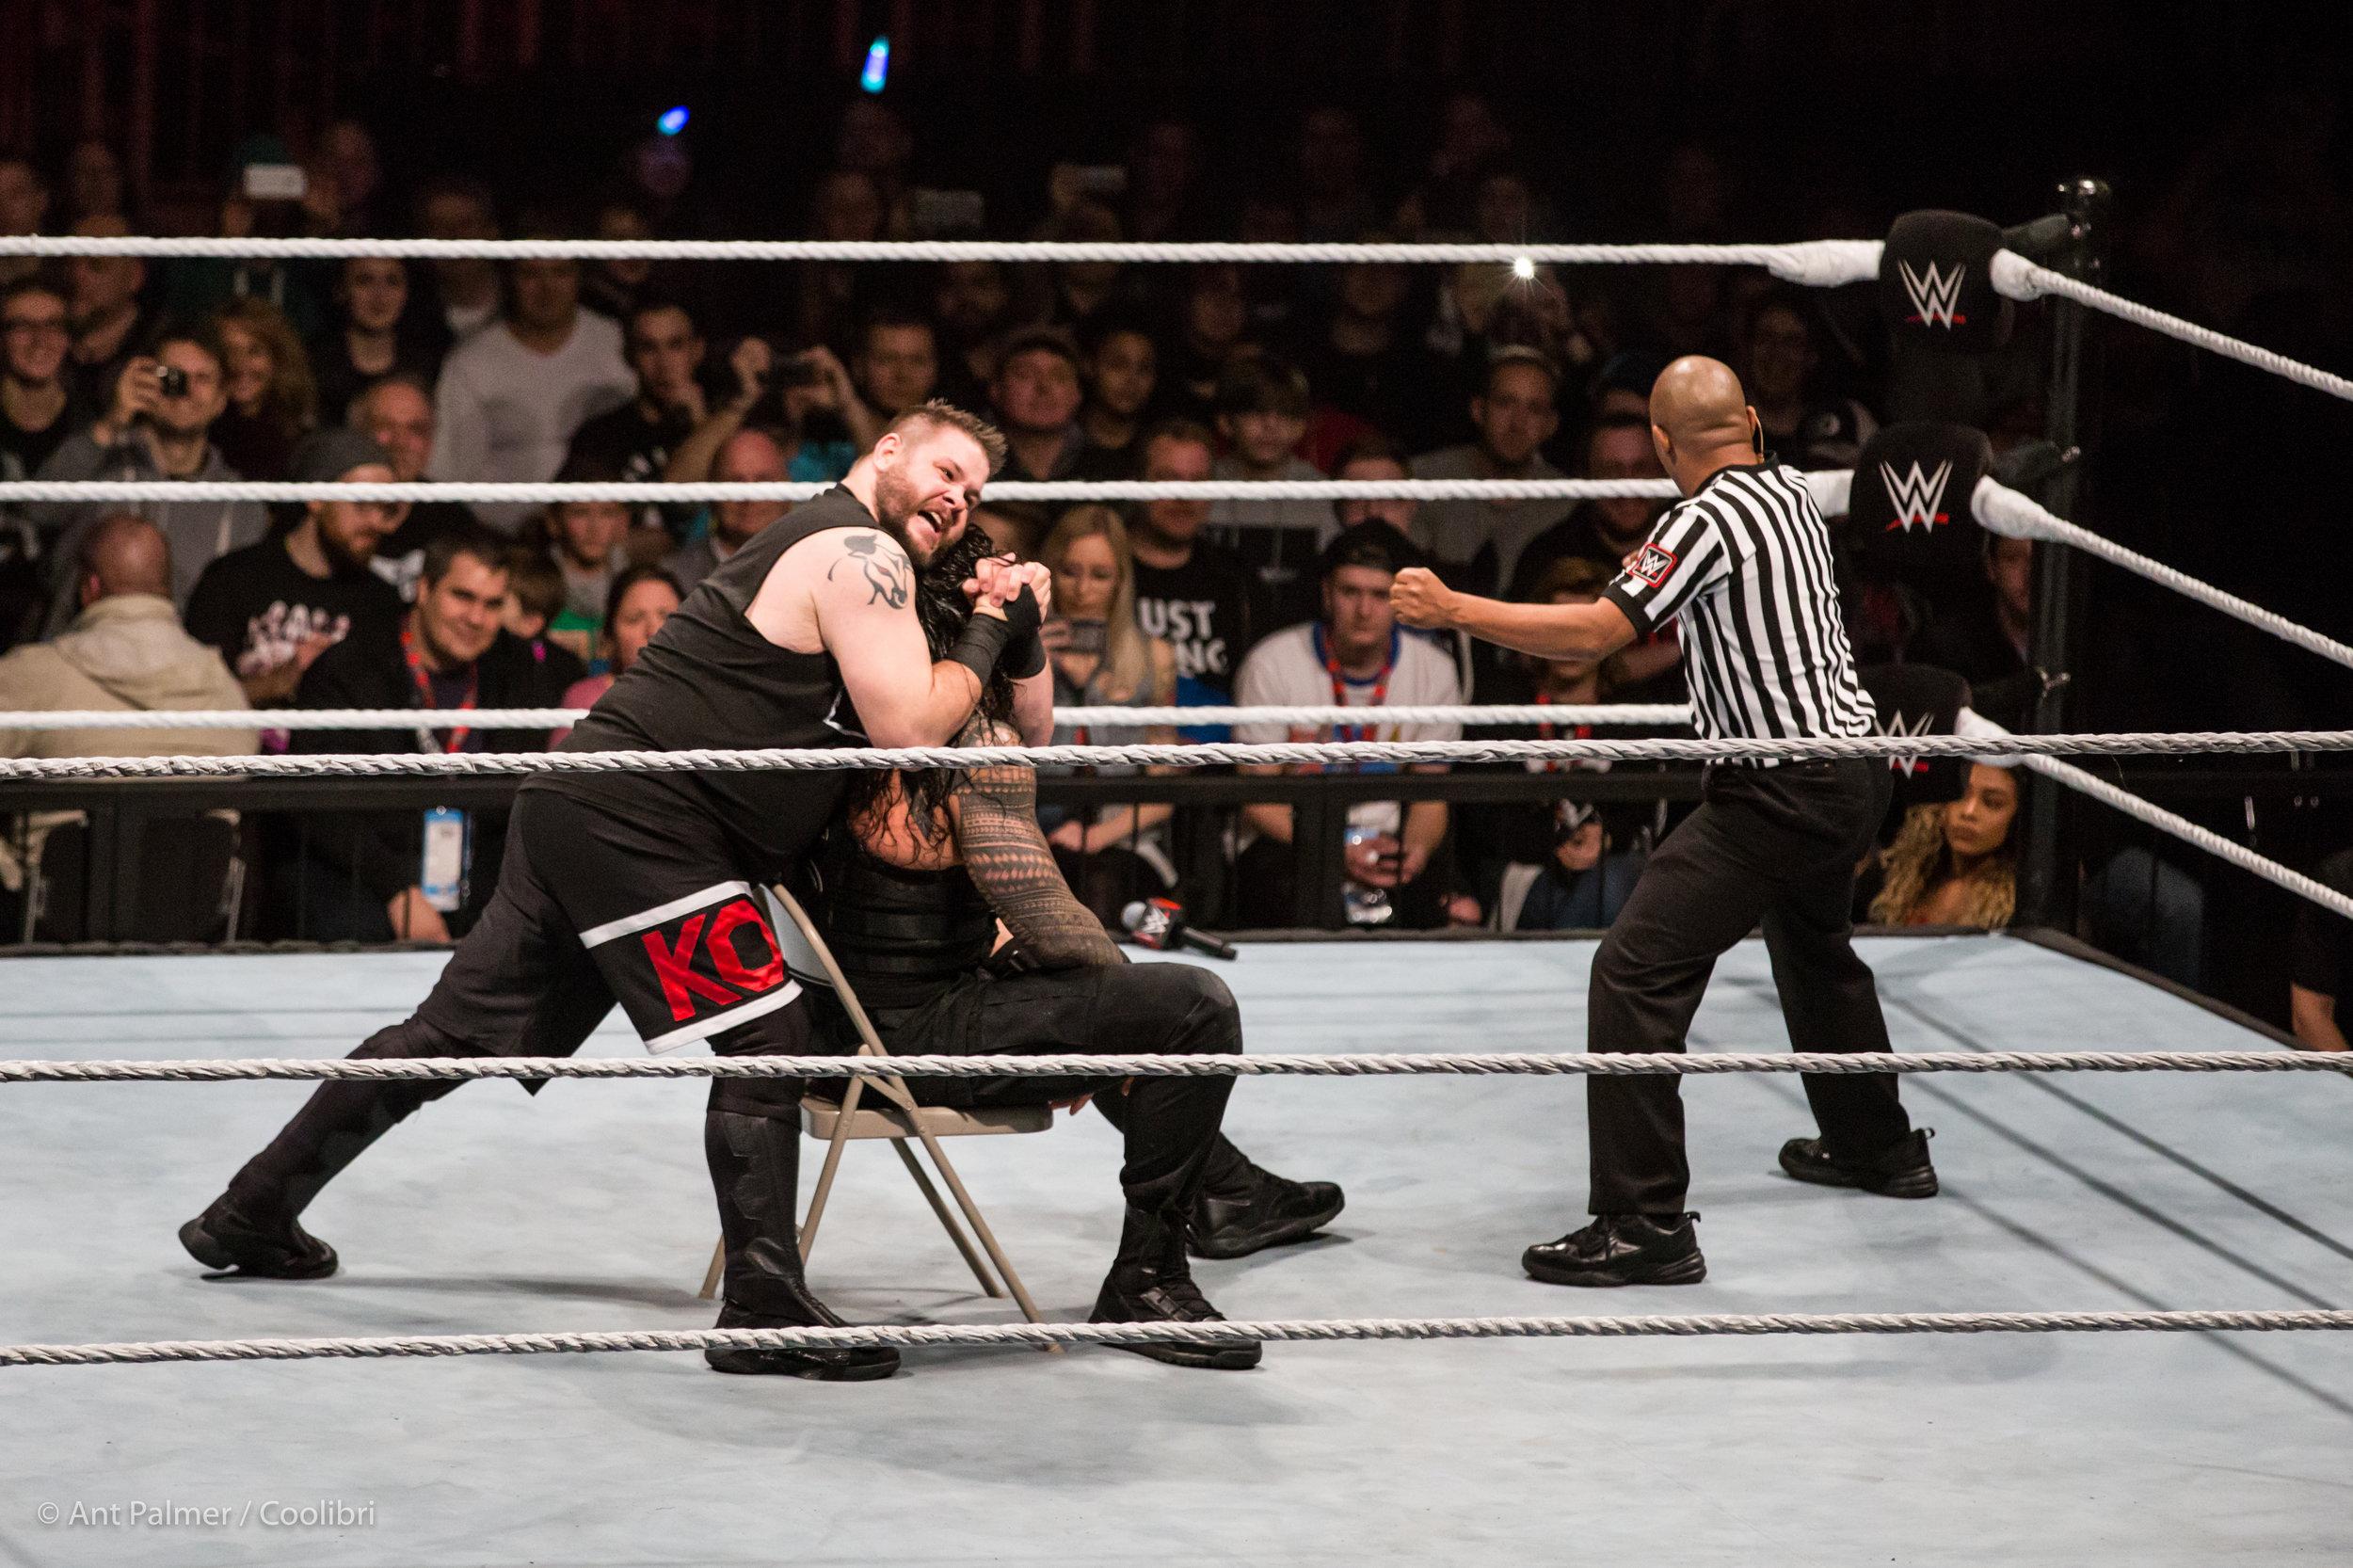 2017_02_22_WWE_DUS-27.jpg